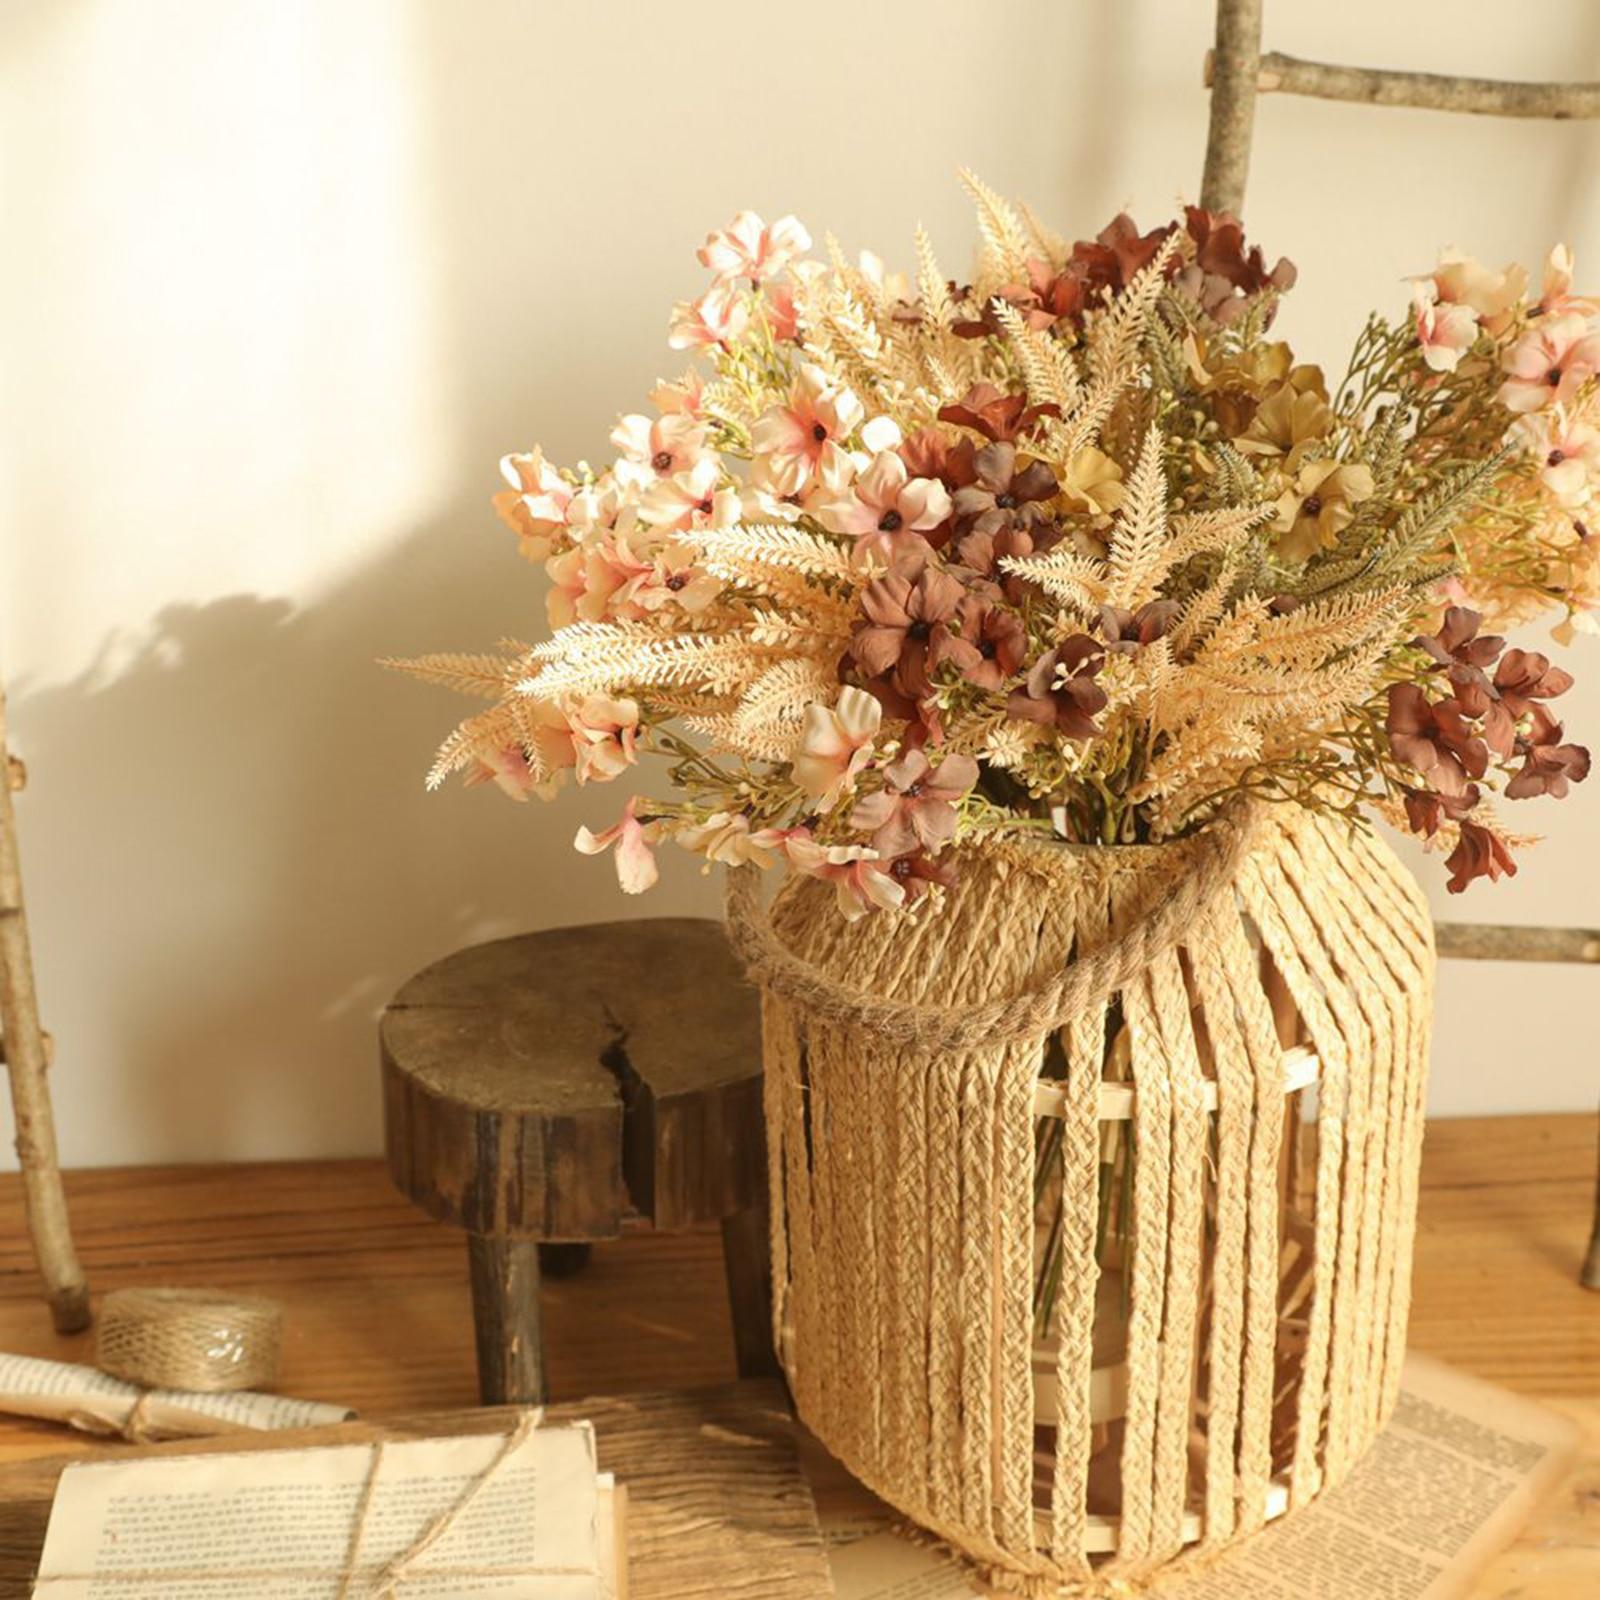 Prawdziwy szczęśliwy naturalny suszony kwiat bukiet suchy kwiat ciśnienie Mini dekoracyjne tło do zdjęć ślubnych dekoracji SQ0207